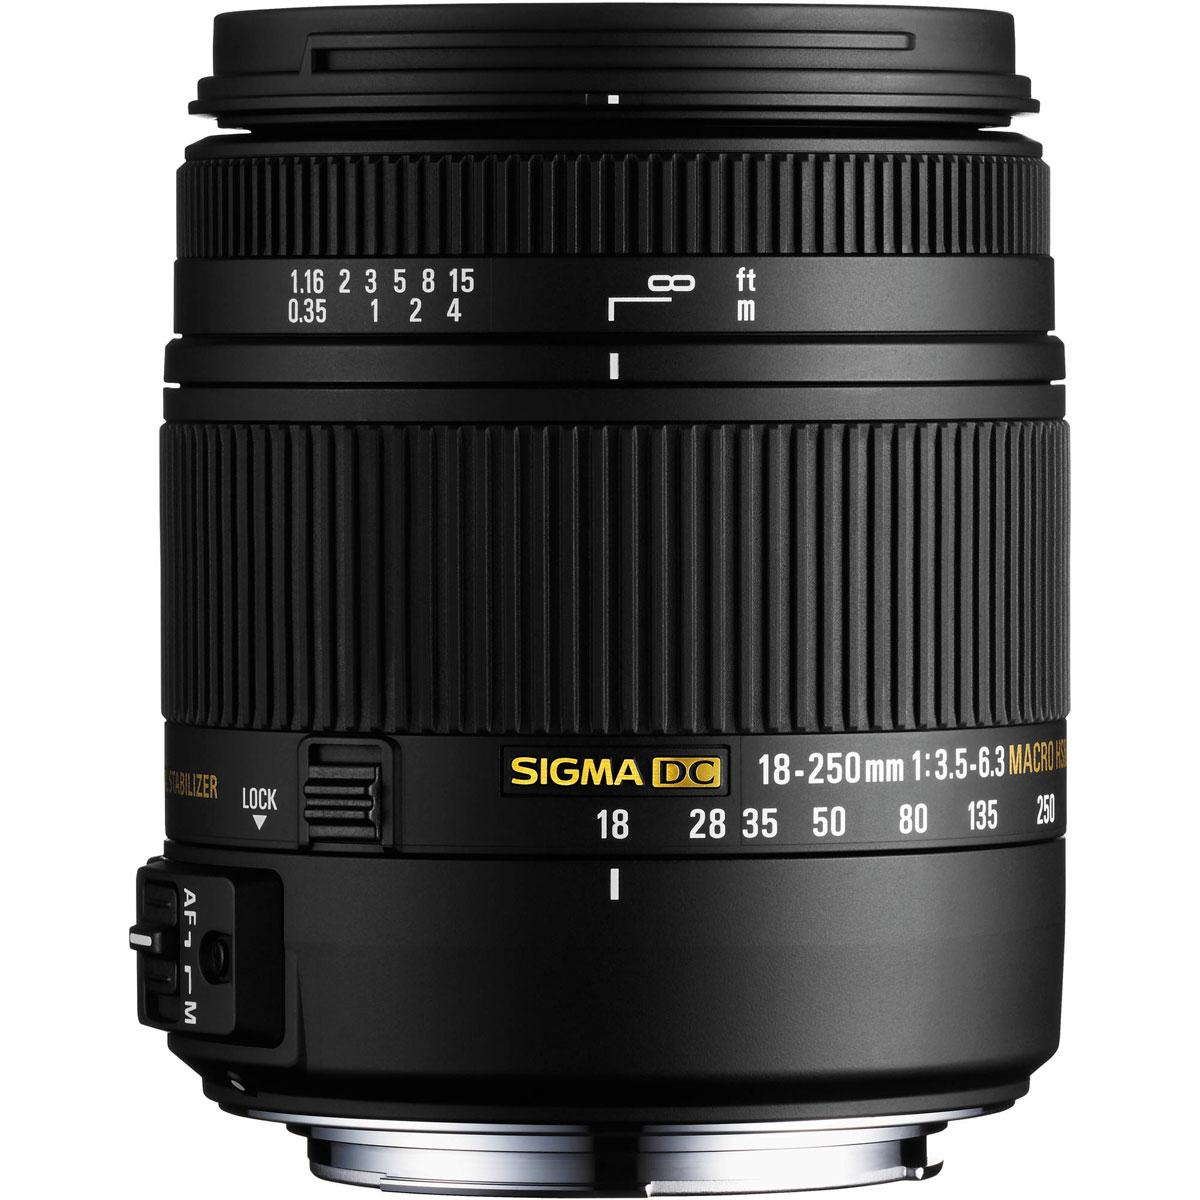 Sigma AF 18-250mm F3.5-6.3 DC MACRO OS HSM, Black объектив для Nikon883955Как наследник известного SIGMA 18-250mm F3.5-6.3 DC OS HSM, объектив SIGMA 18-250mm F3.5-6.3 DC MACRO OS HSM символизирует новое поколение ультразумов с высоким качеством изображения и, в тоже время, с компактными размерами и низким весом. Полностью переработана конструкция объектива. Специальное низкодисперсное стекло SLD превосходно устраняет цветовые аберрации. Три асферические линзы, включая одну двухстороннюю асферическую линзу, совместно с использованием передовой оптической конструкции, предотвращают и корректируют все типы оптических искажений, включая астигматизм. Оптимизирована электрическая часть Улучшены возможности фотосъемки с минимальных дистанций Применен новый термостабильный композит TSC Примерно на 25% легче и компактнее существующих аналогов